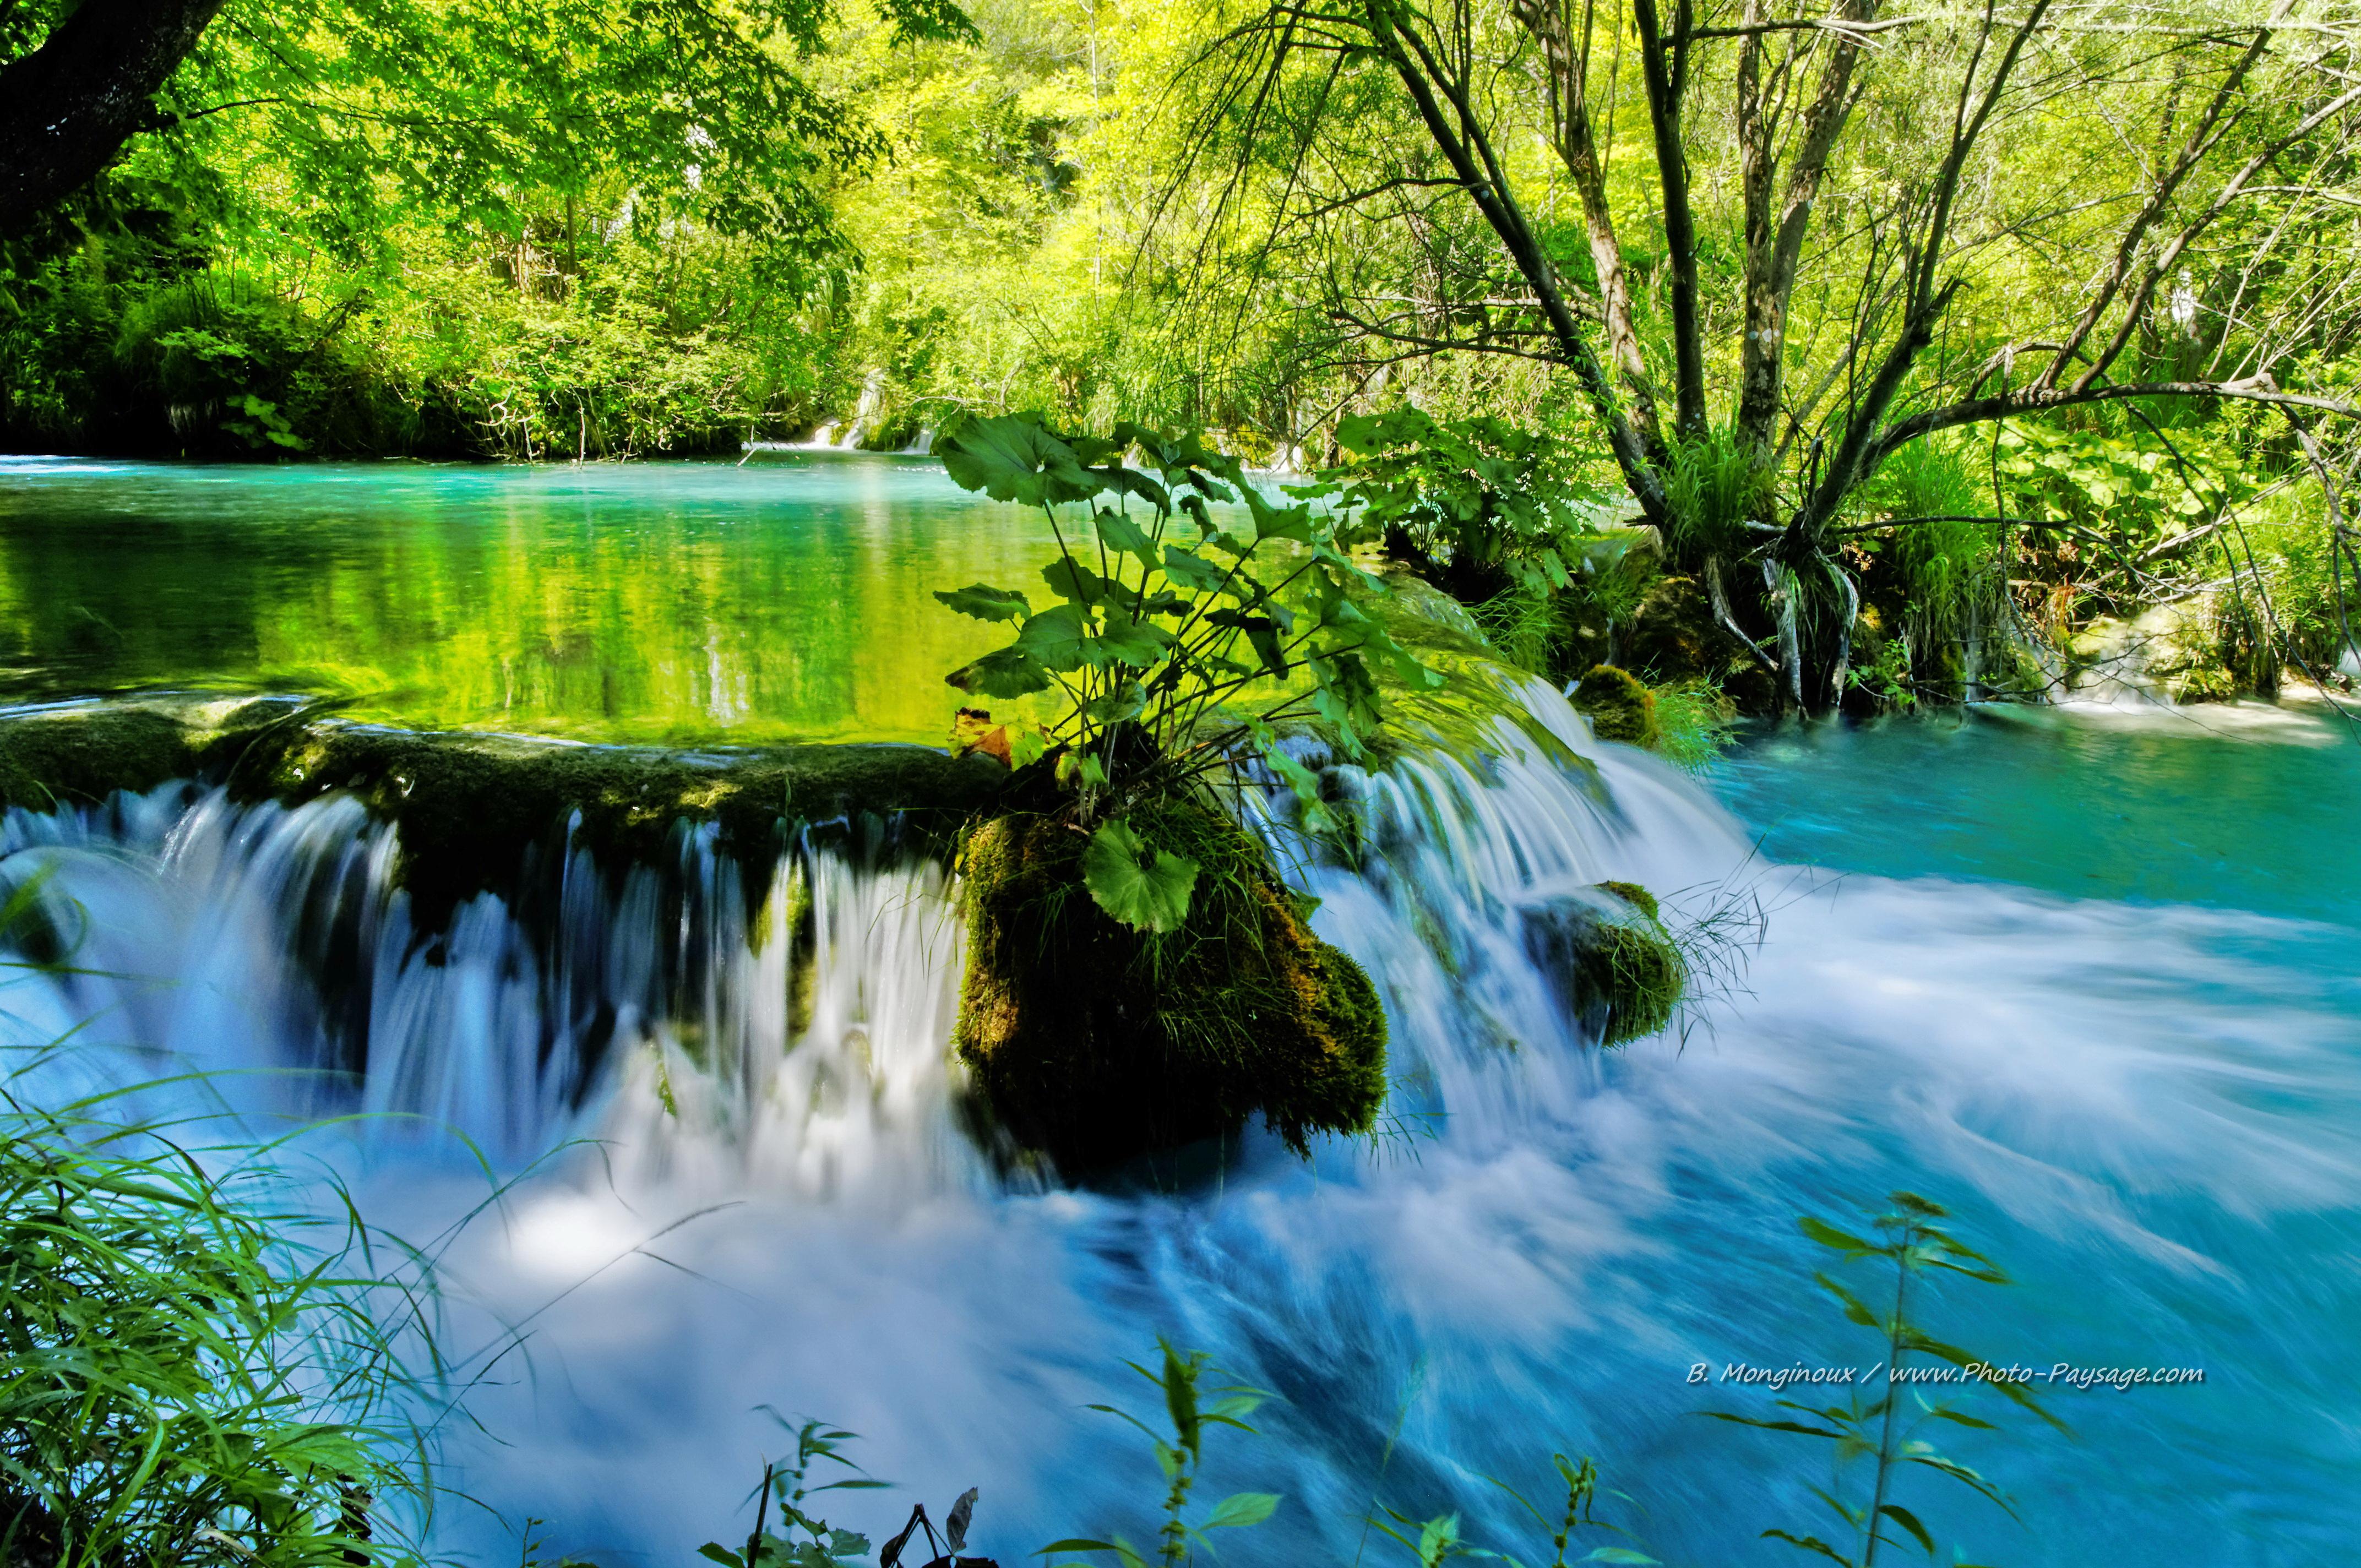 Belle Image De La Nature Hd